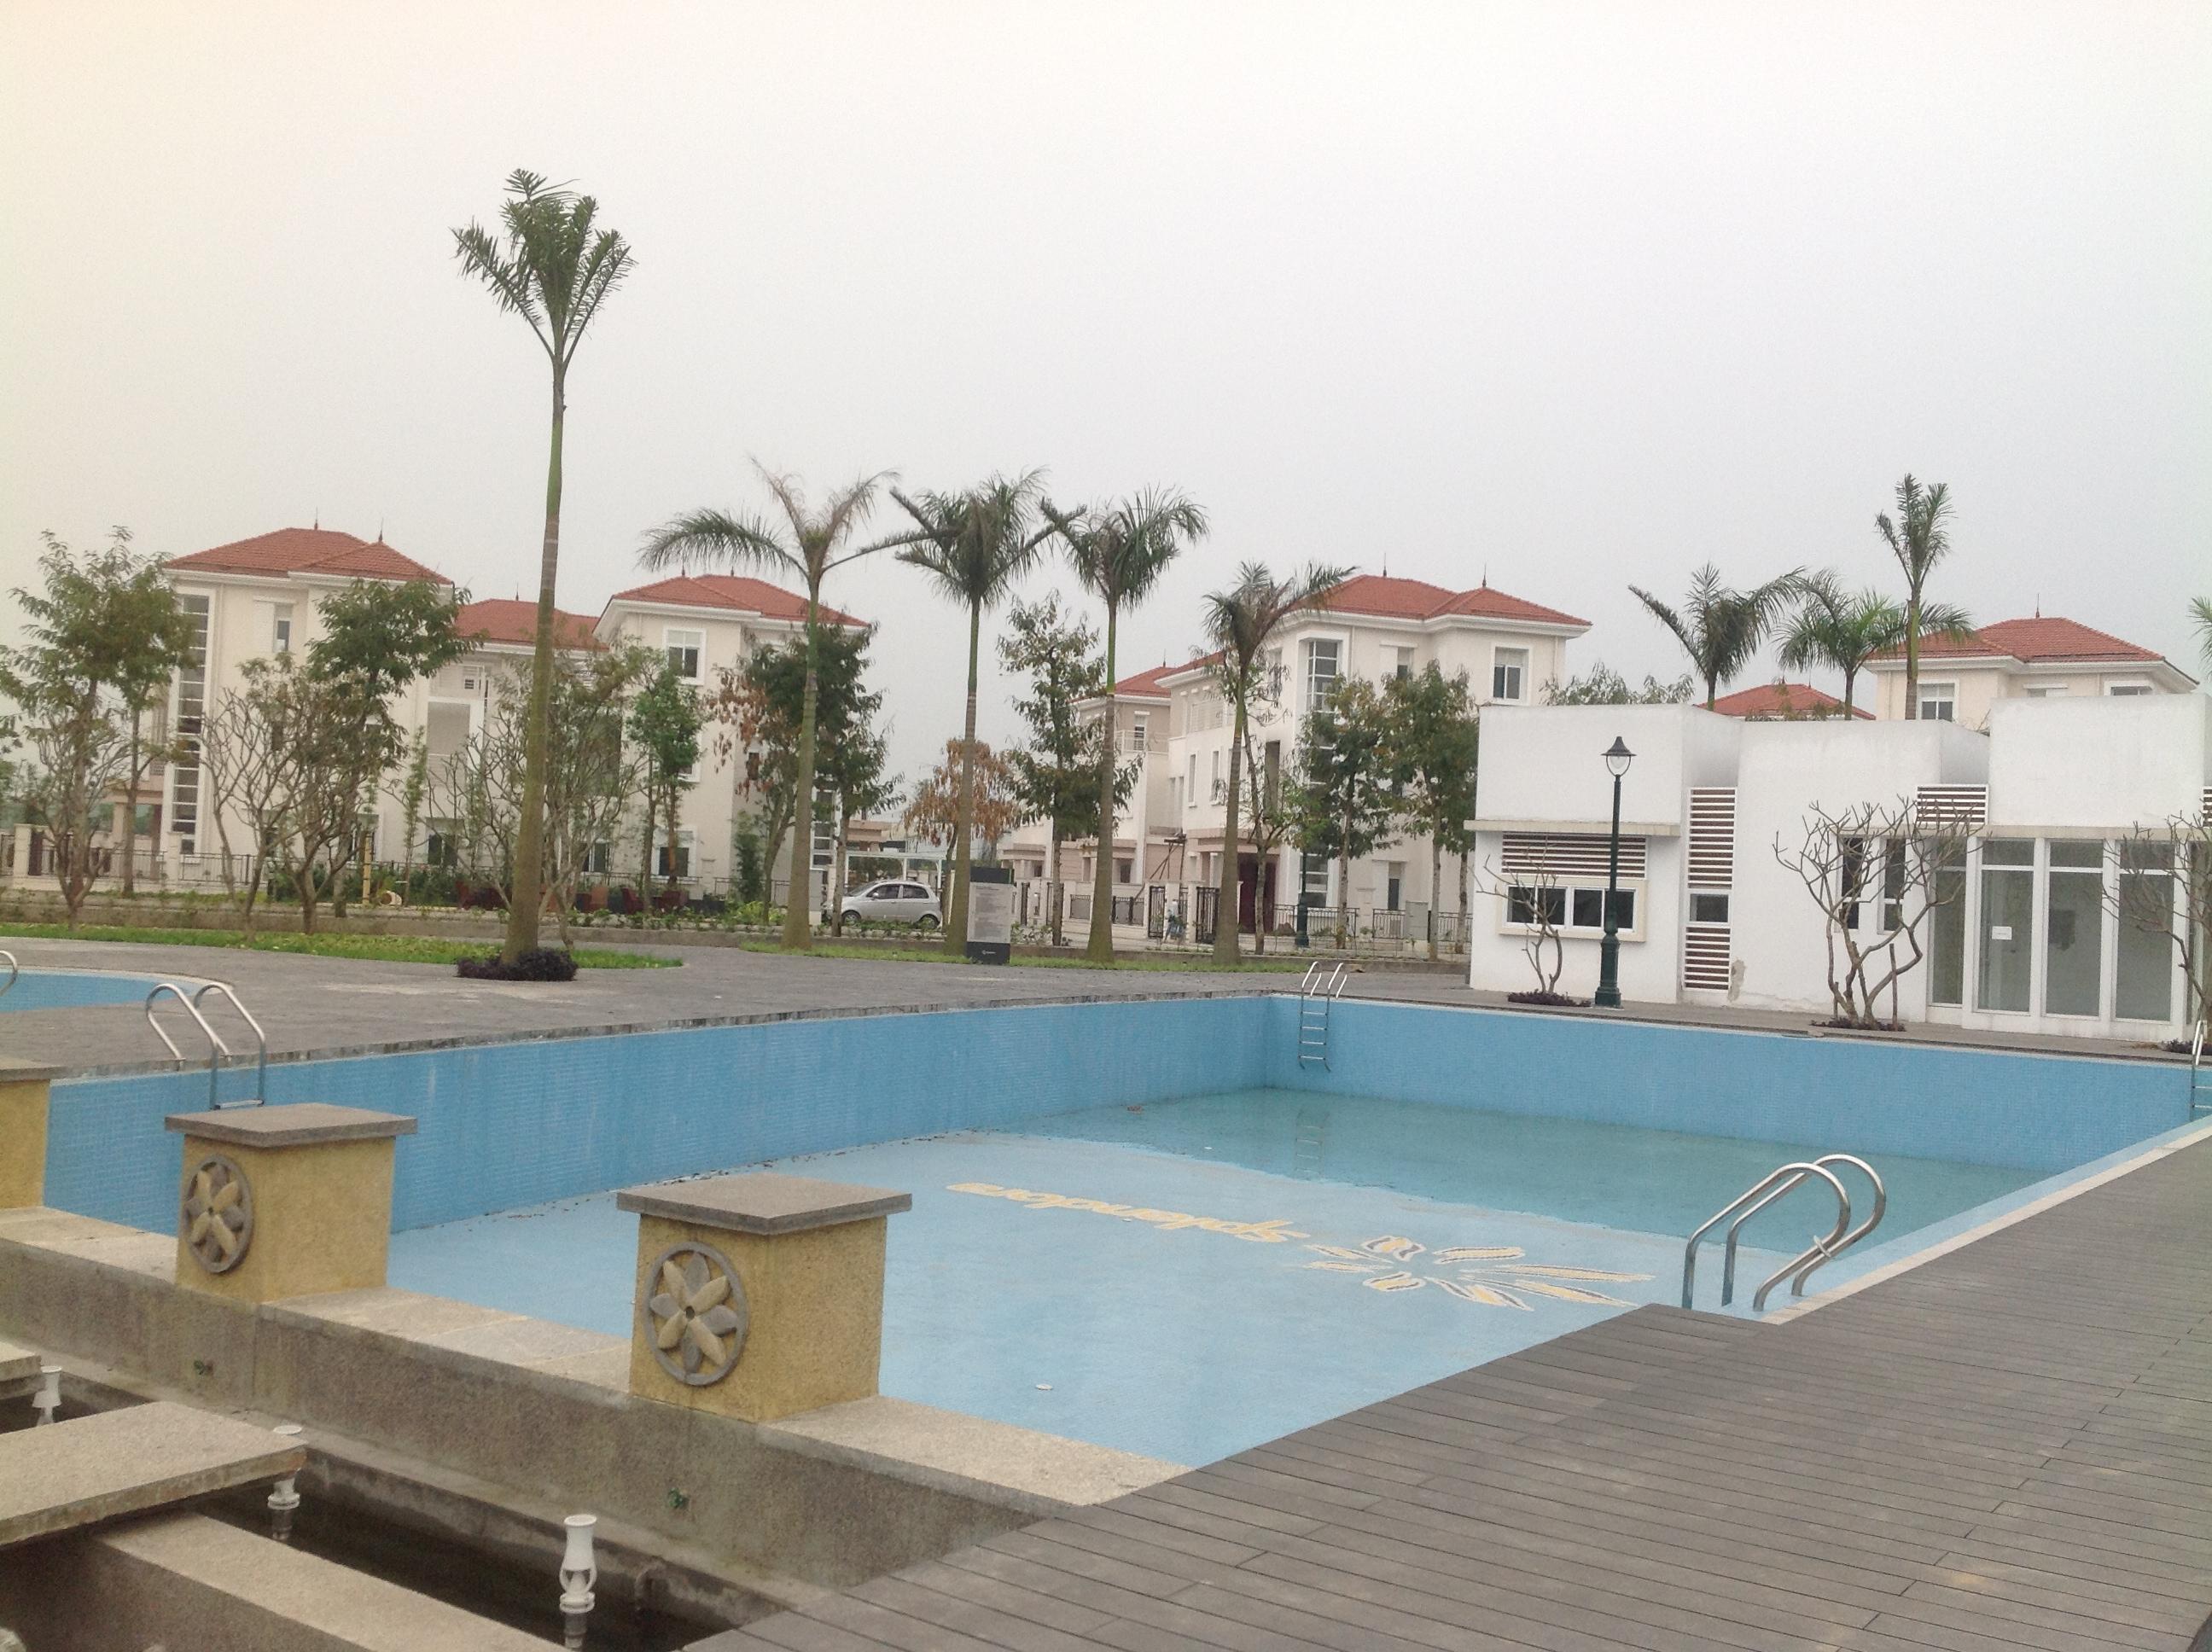 Cập nhật hình ảnh mới nhất 3 khu biệt thự 'tai tiếng' tại Hà Nội